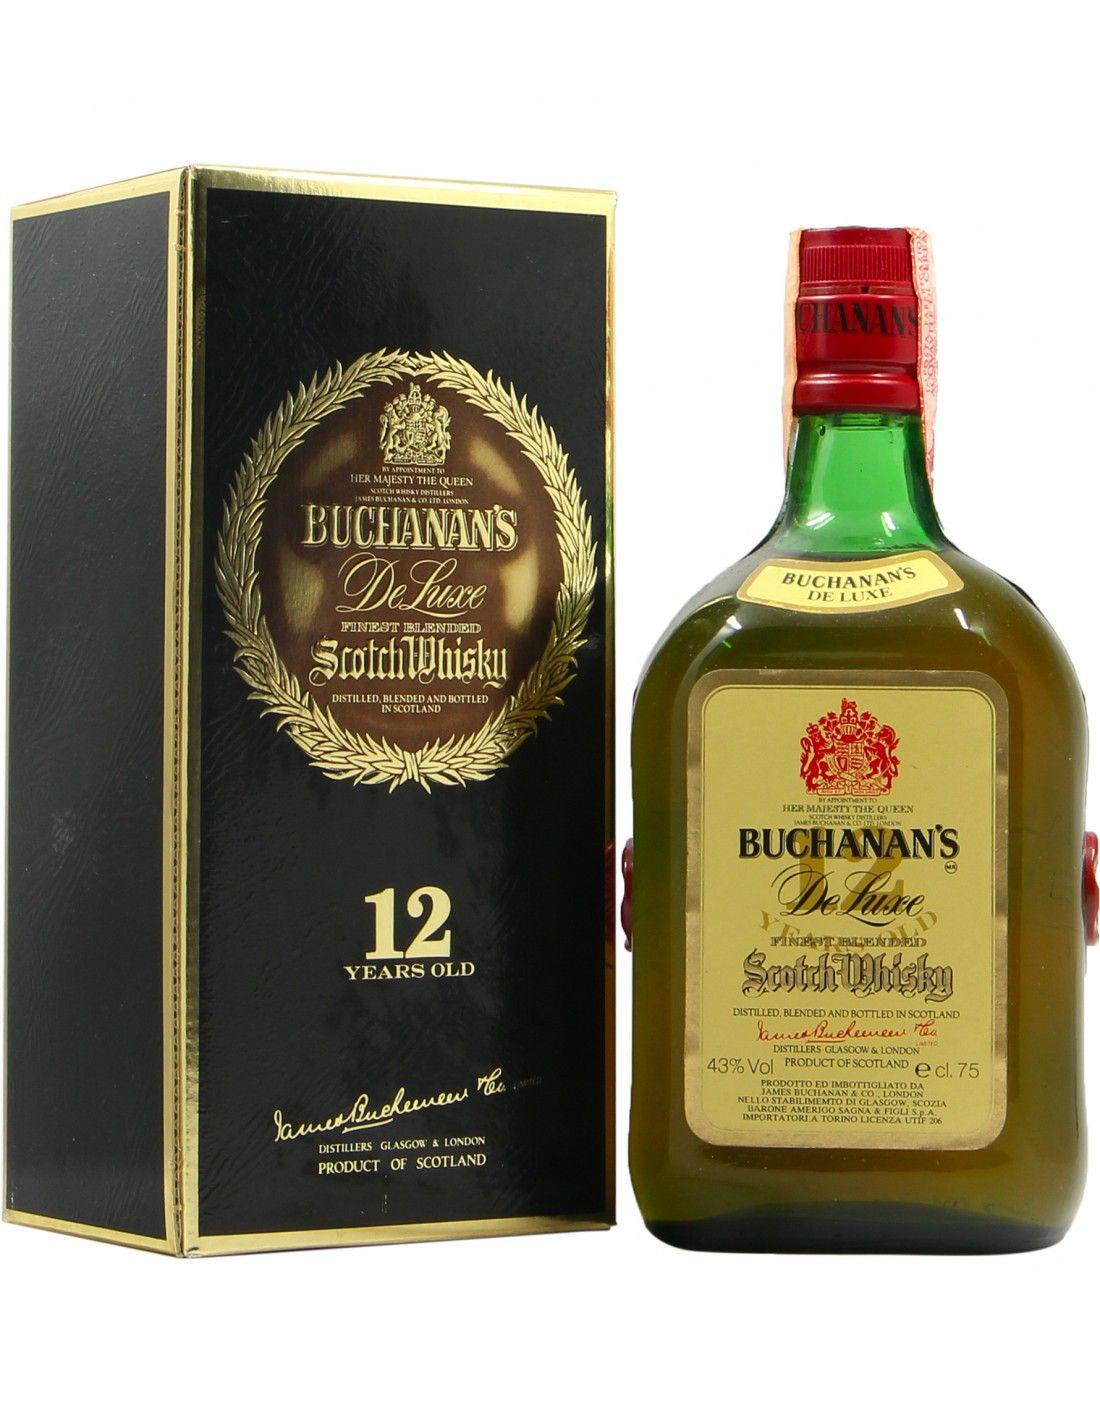 SCOTCH WHISKY FINEST BLENDED DE LUXE 12YO 43° 75CL NV BUCHANAN'S Grandi Bottiglie